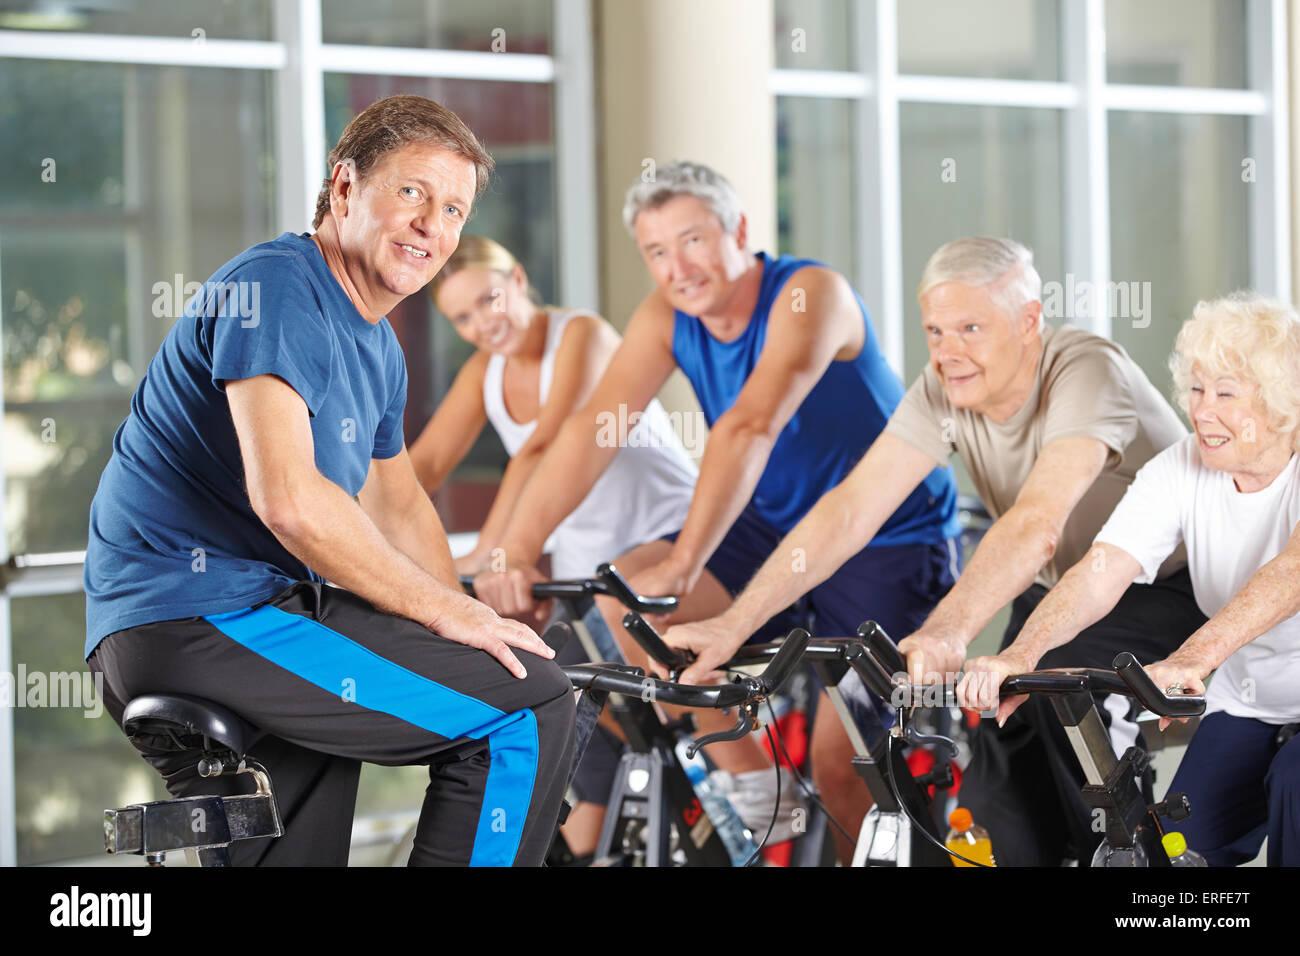 L'homme en tant qu'instructeur de conditionnement physique dans l'exercice de sport avec des cadres Photo Stock